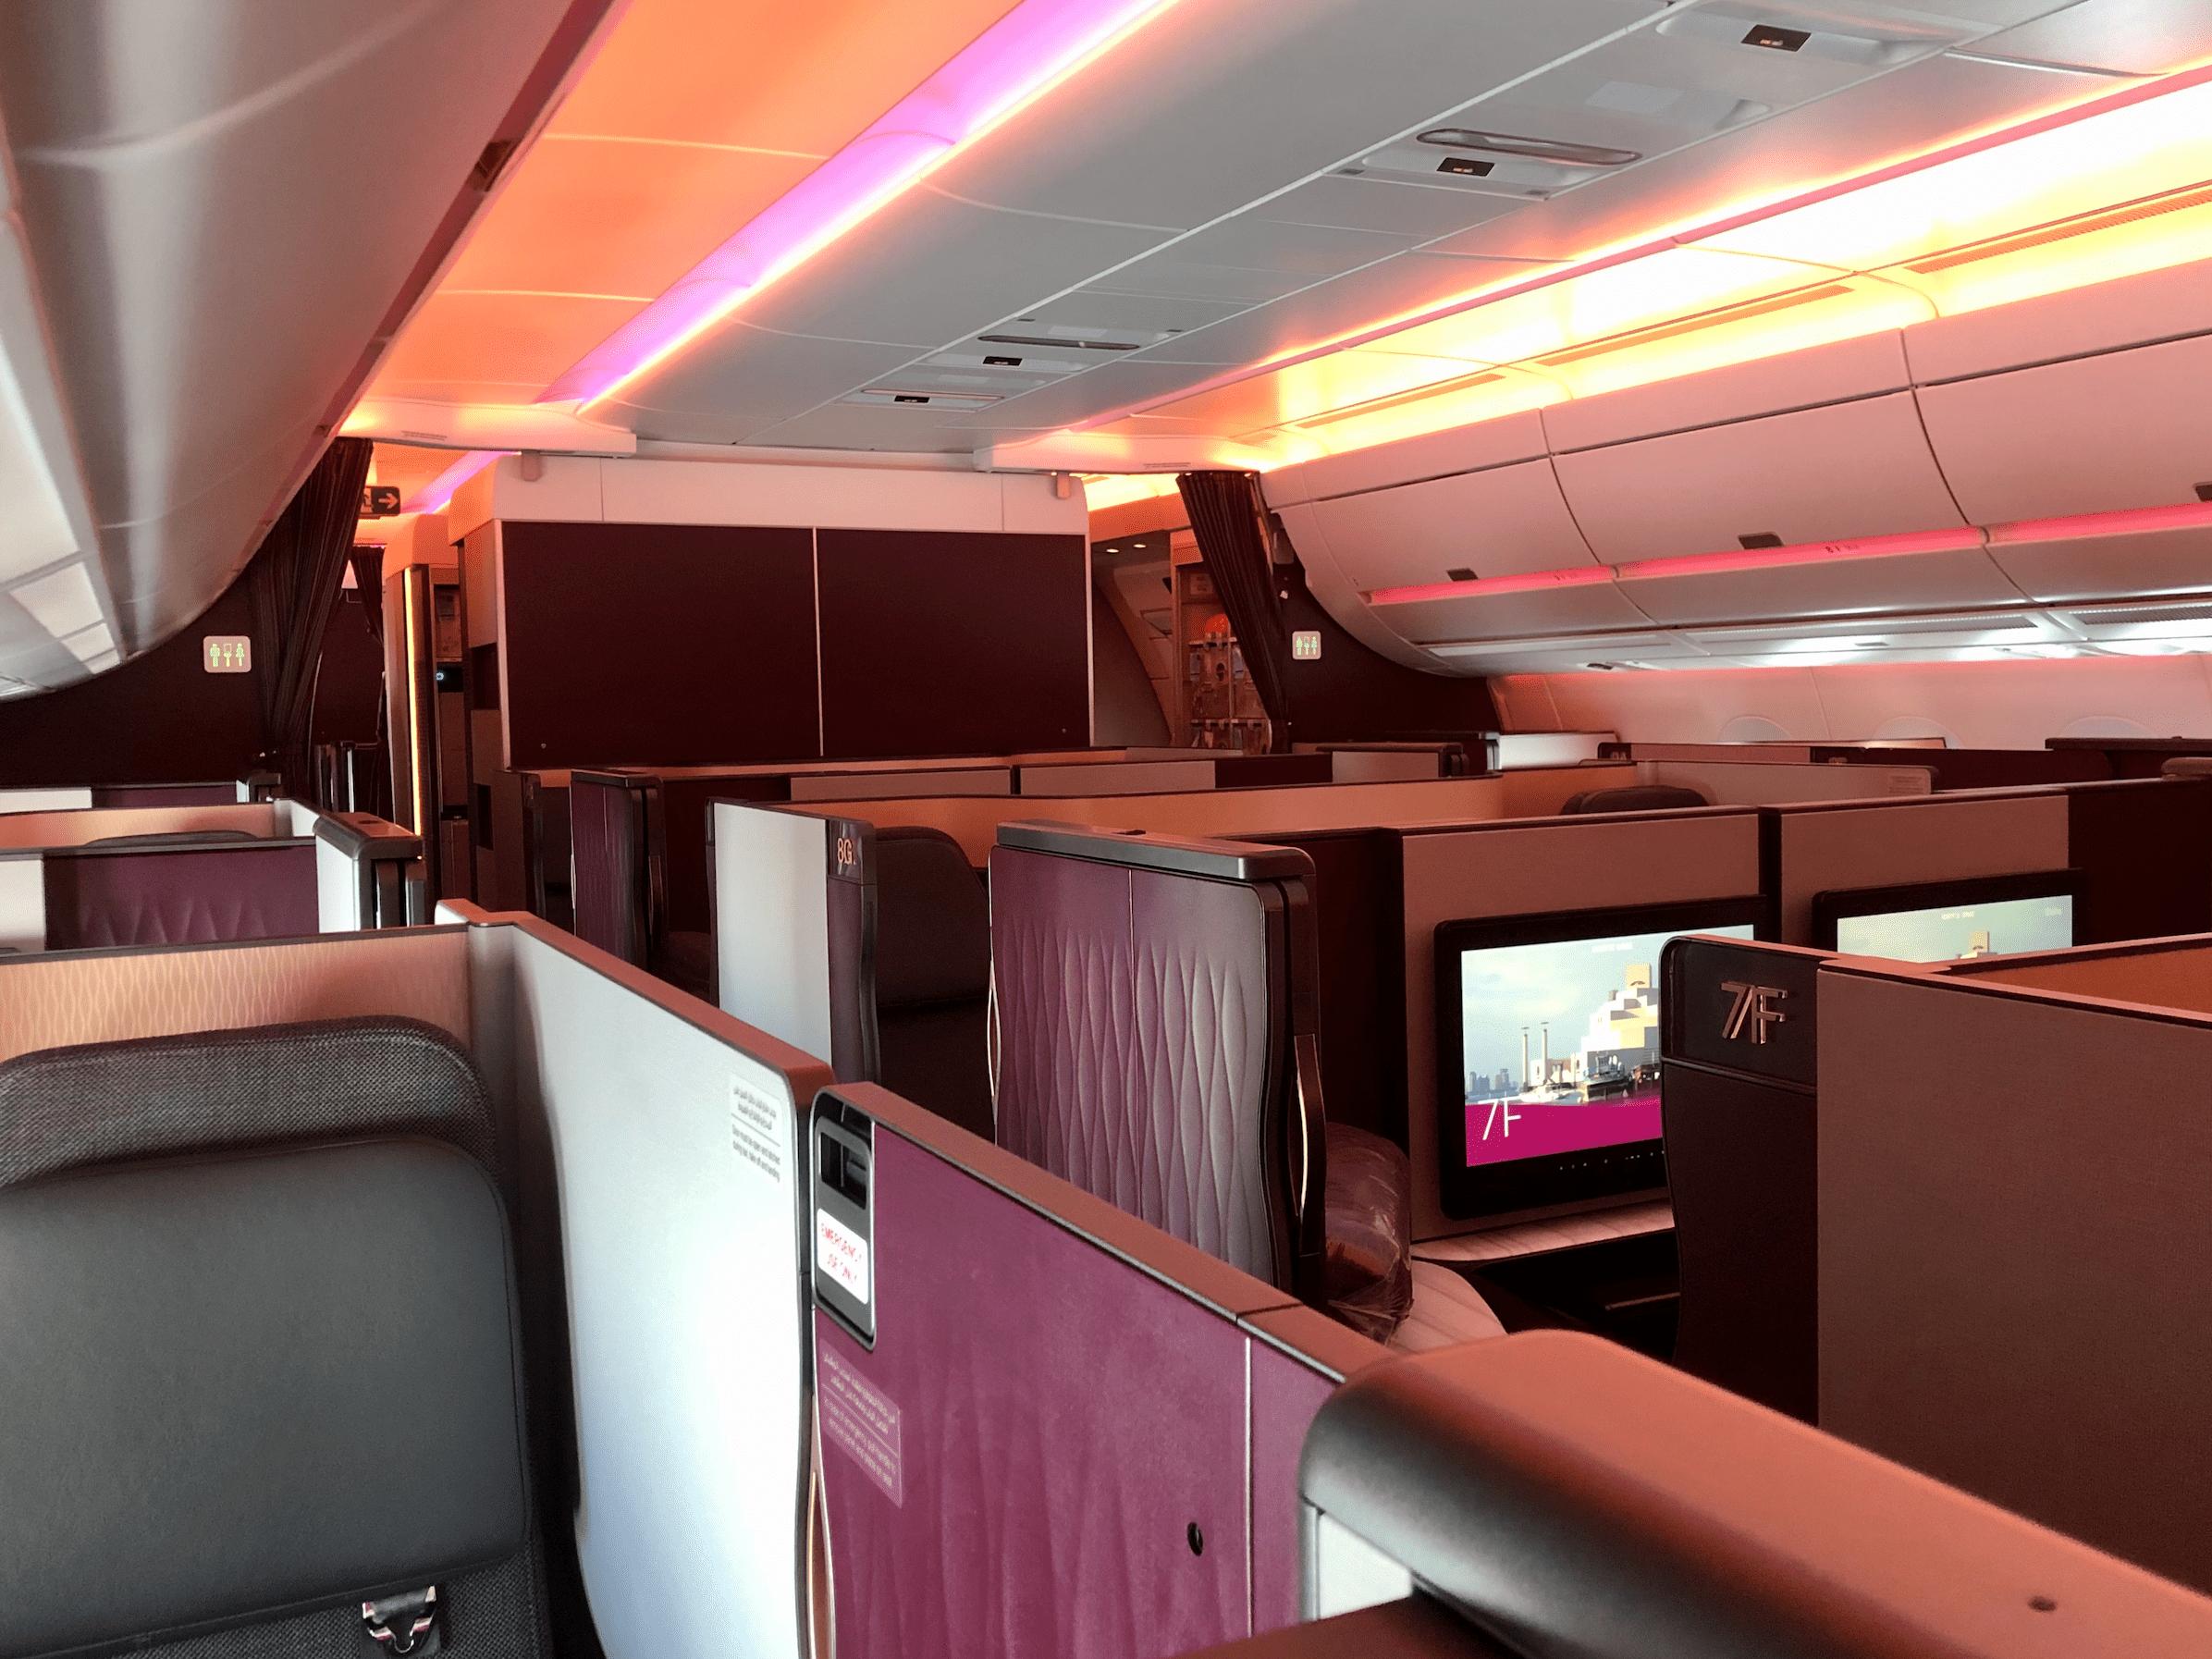 Qatar business class cabin